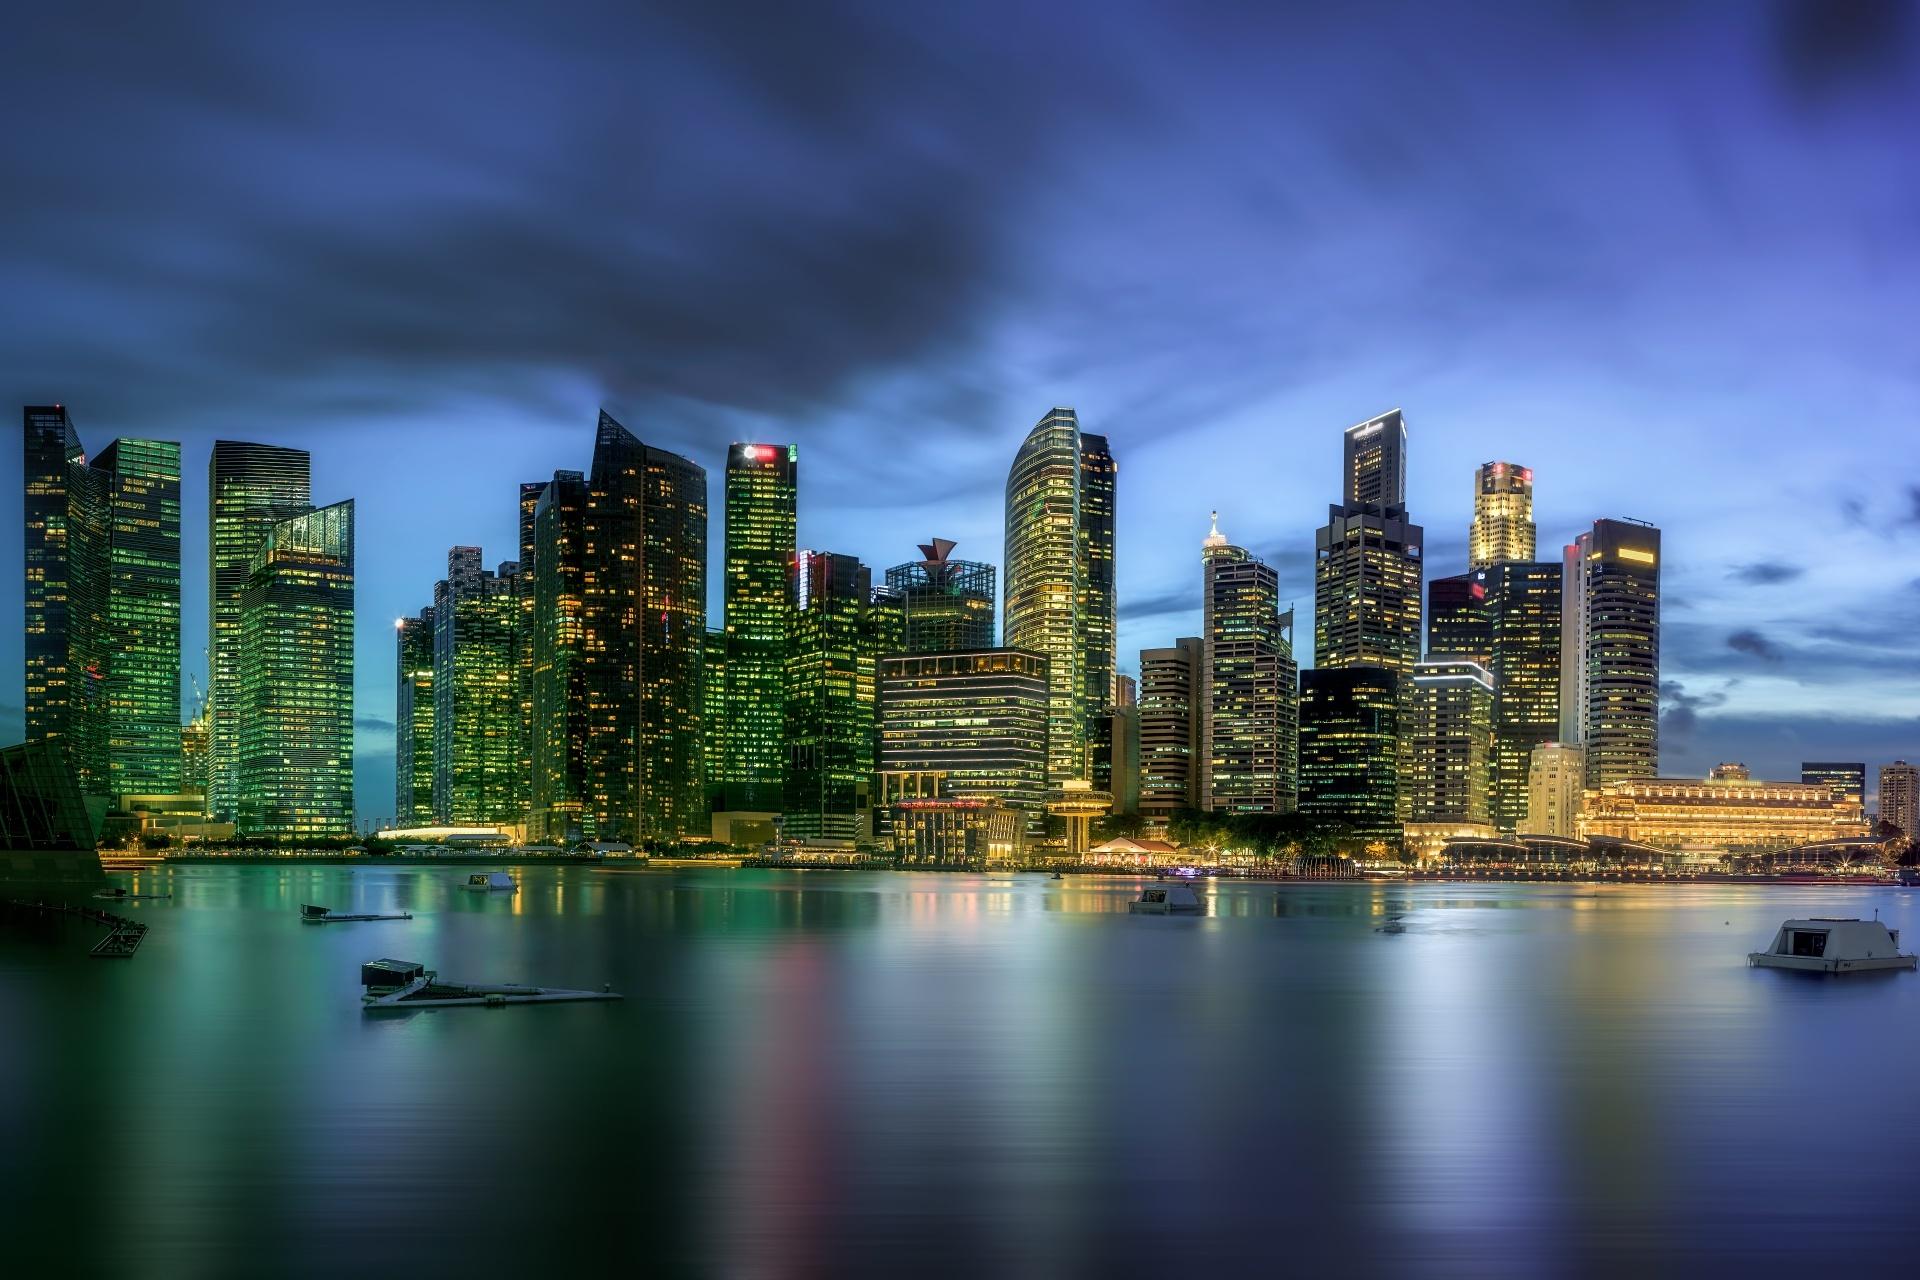 シンガポールの風景 マリーナベイの高層ビル群